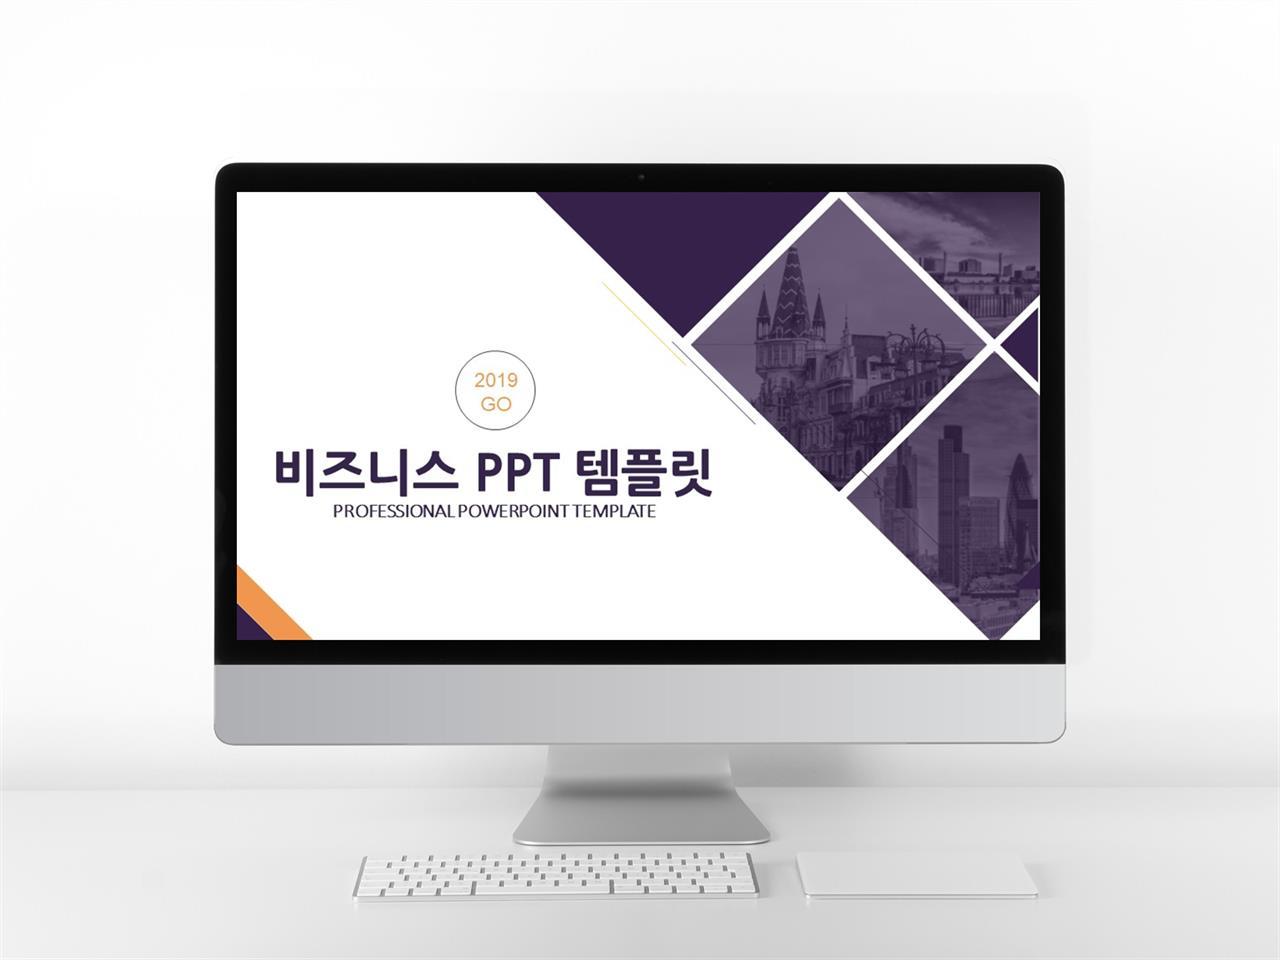 경제금융 자주색 세련된 발표용 PPT테마 다운 미리보기